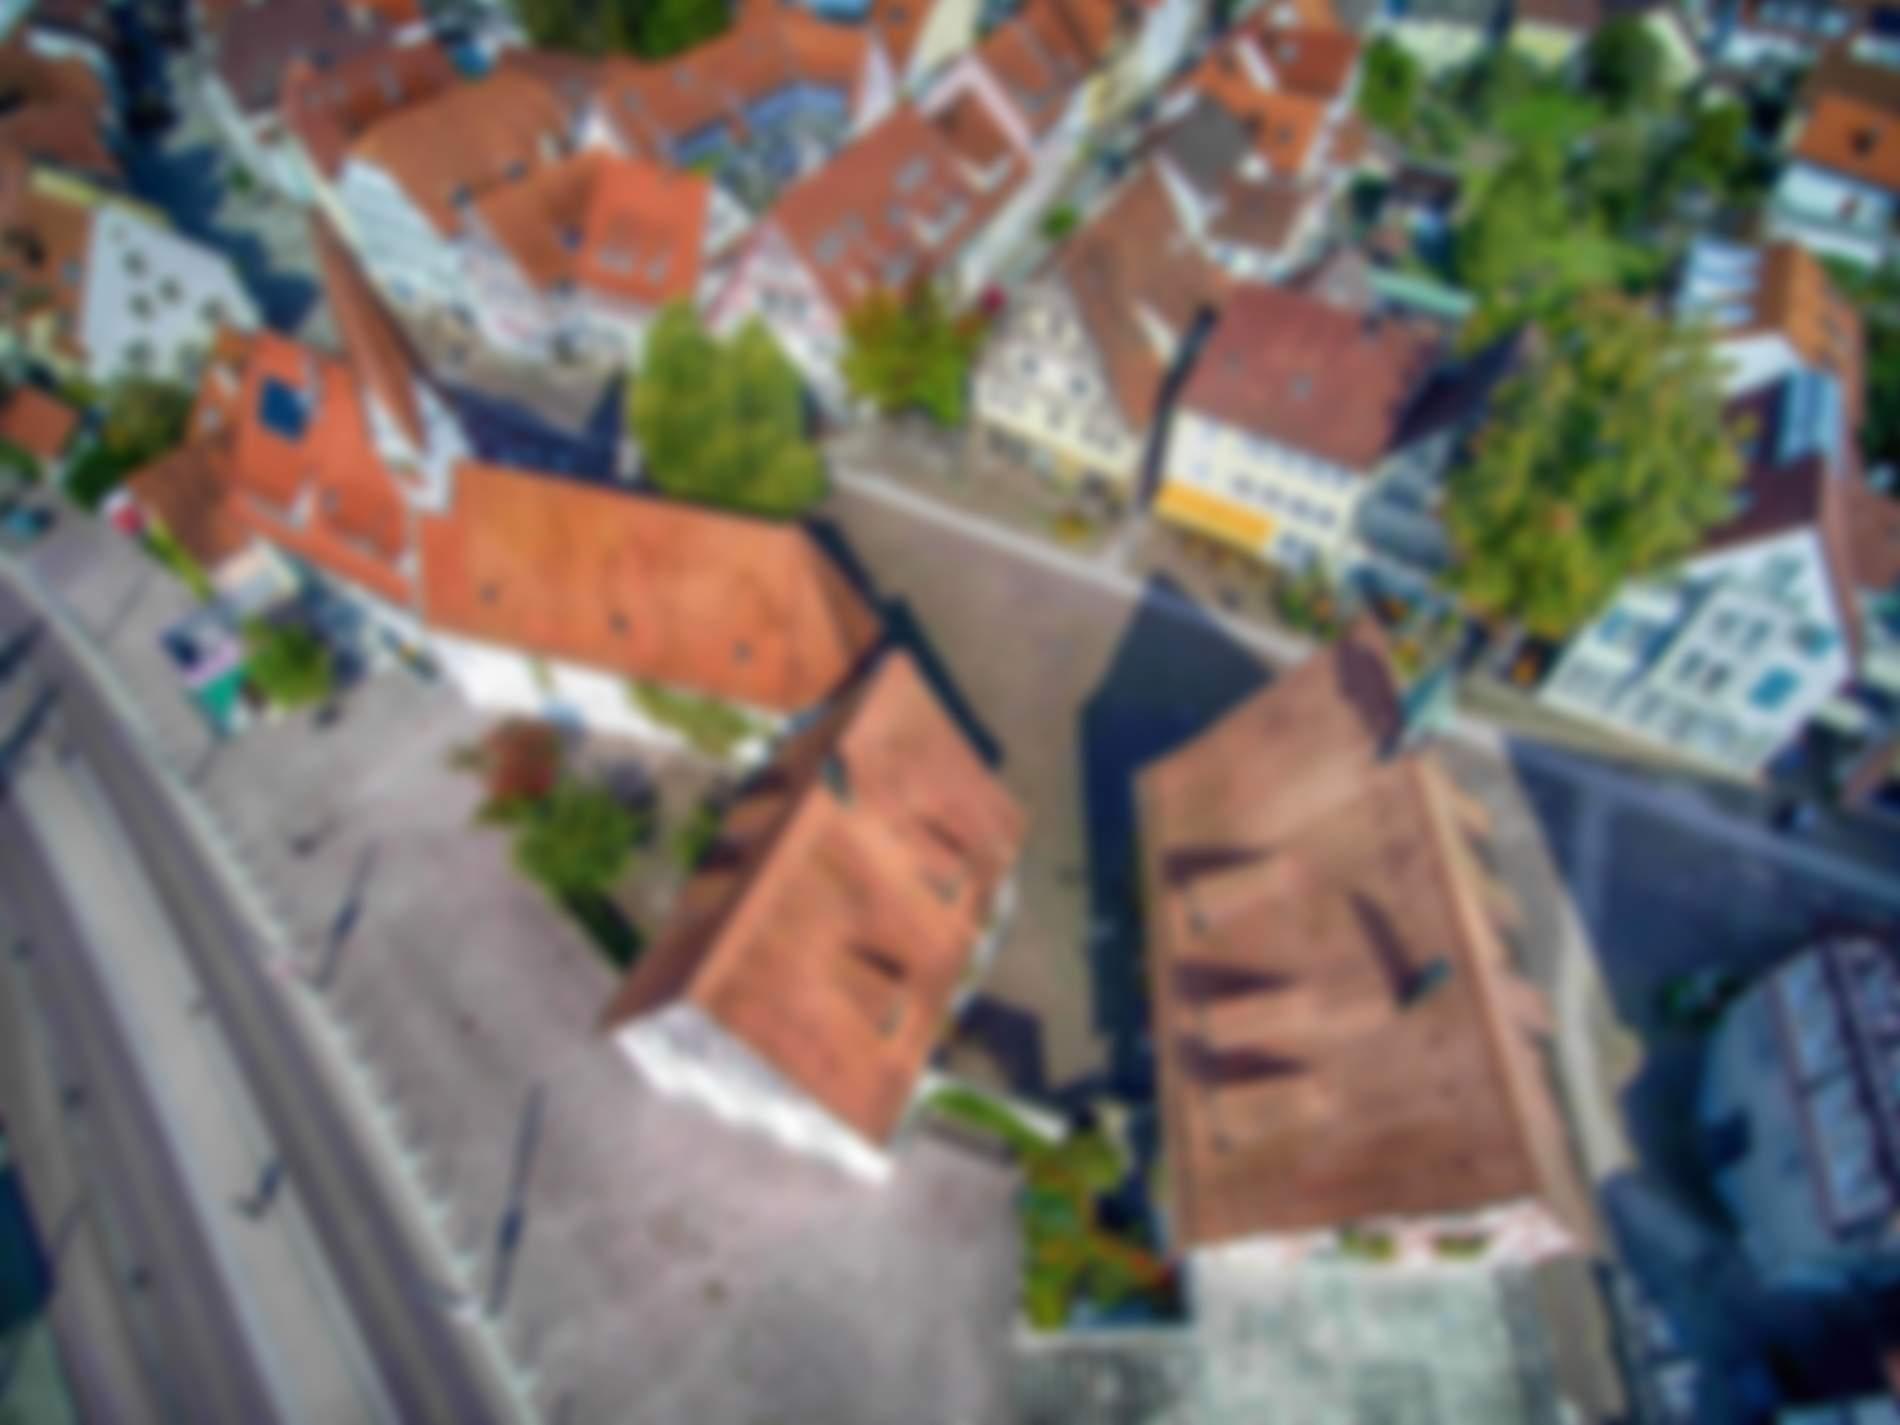 NGV Nußbaum-Grundstücksverwaltung GmbH & Co. KG